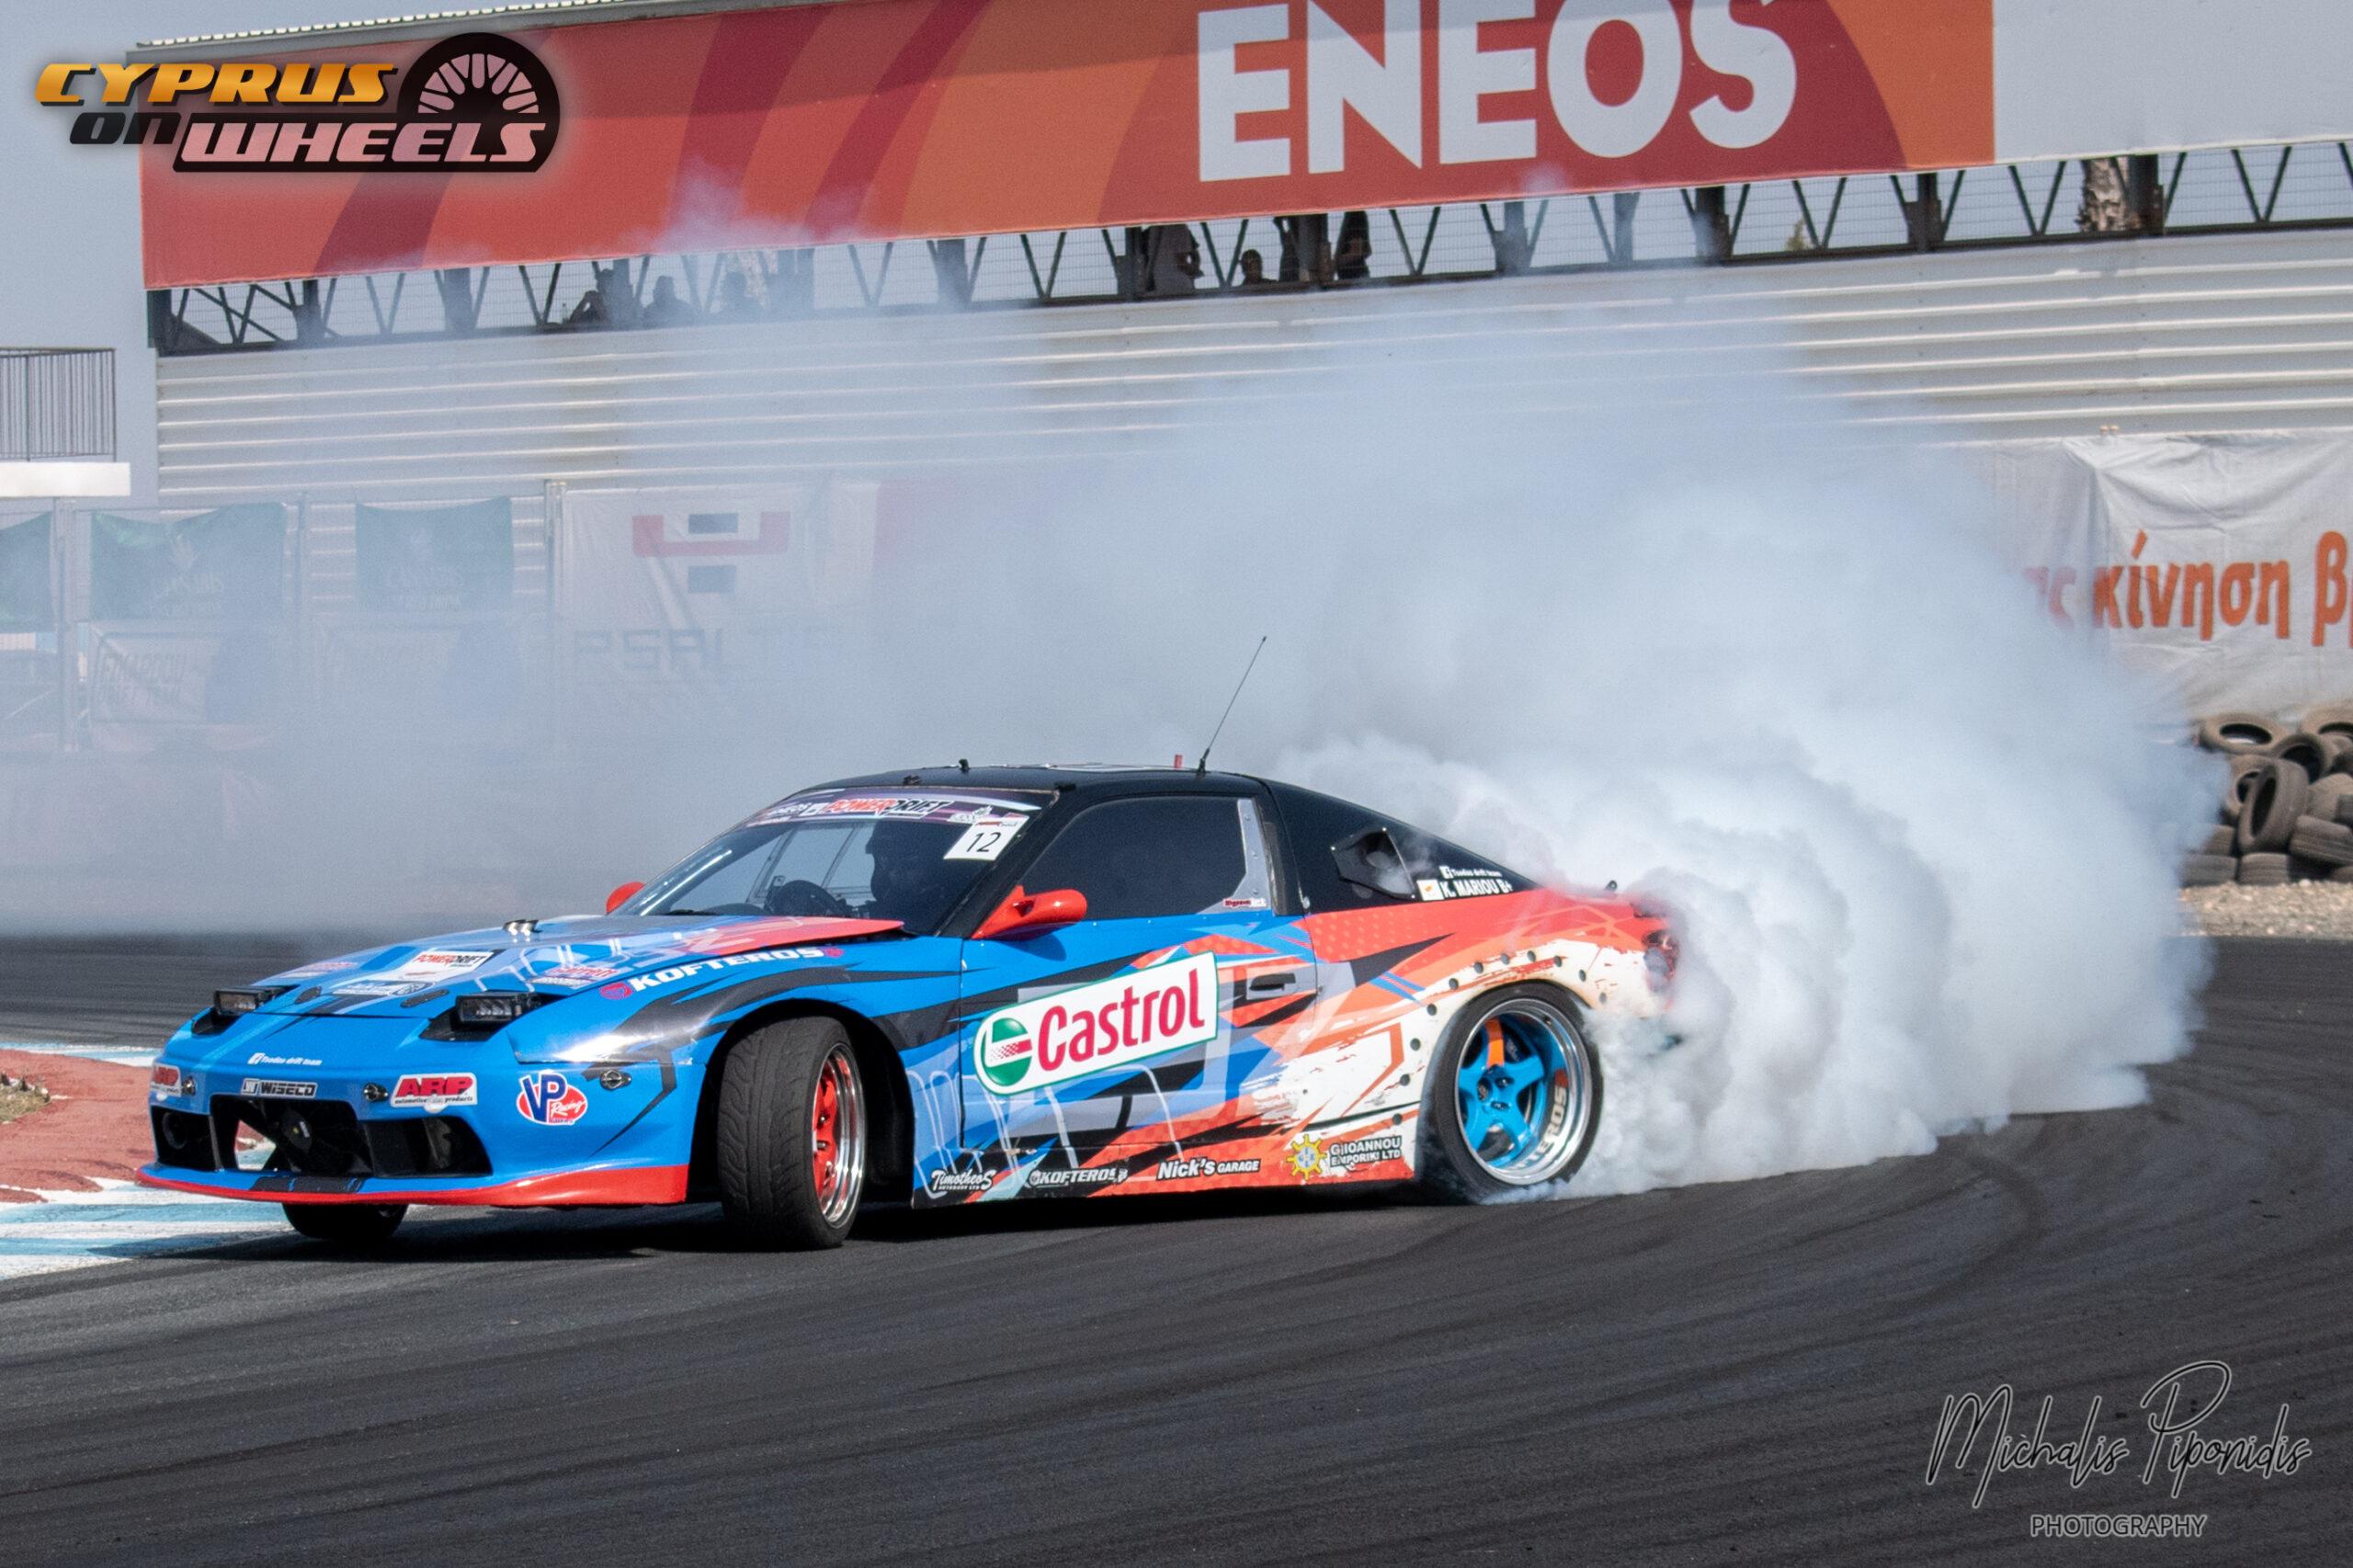 Nissan silvia 200sx drifting wallapepr